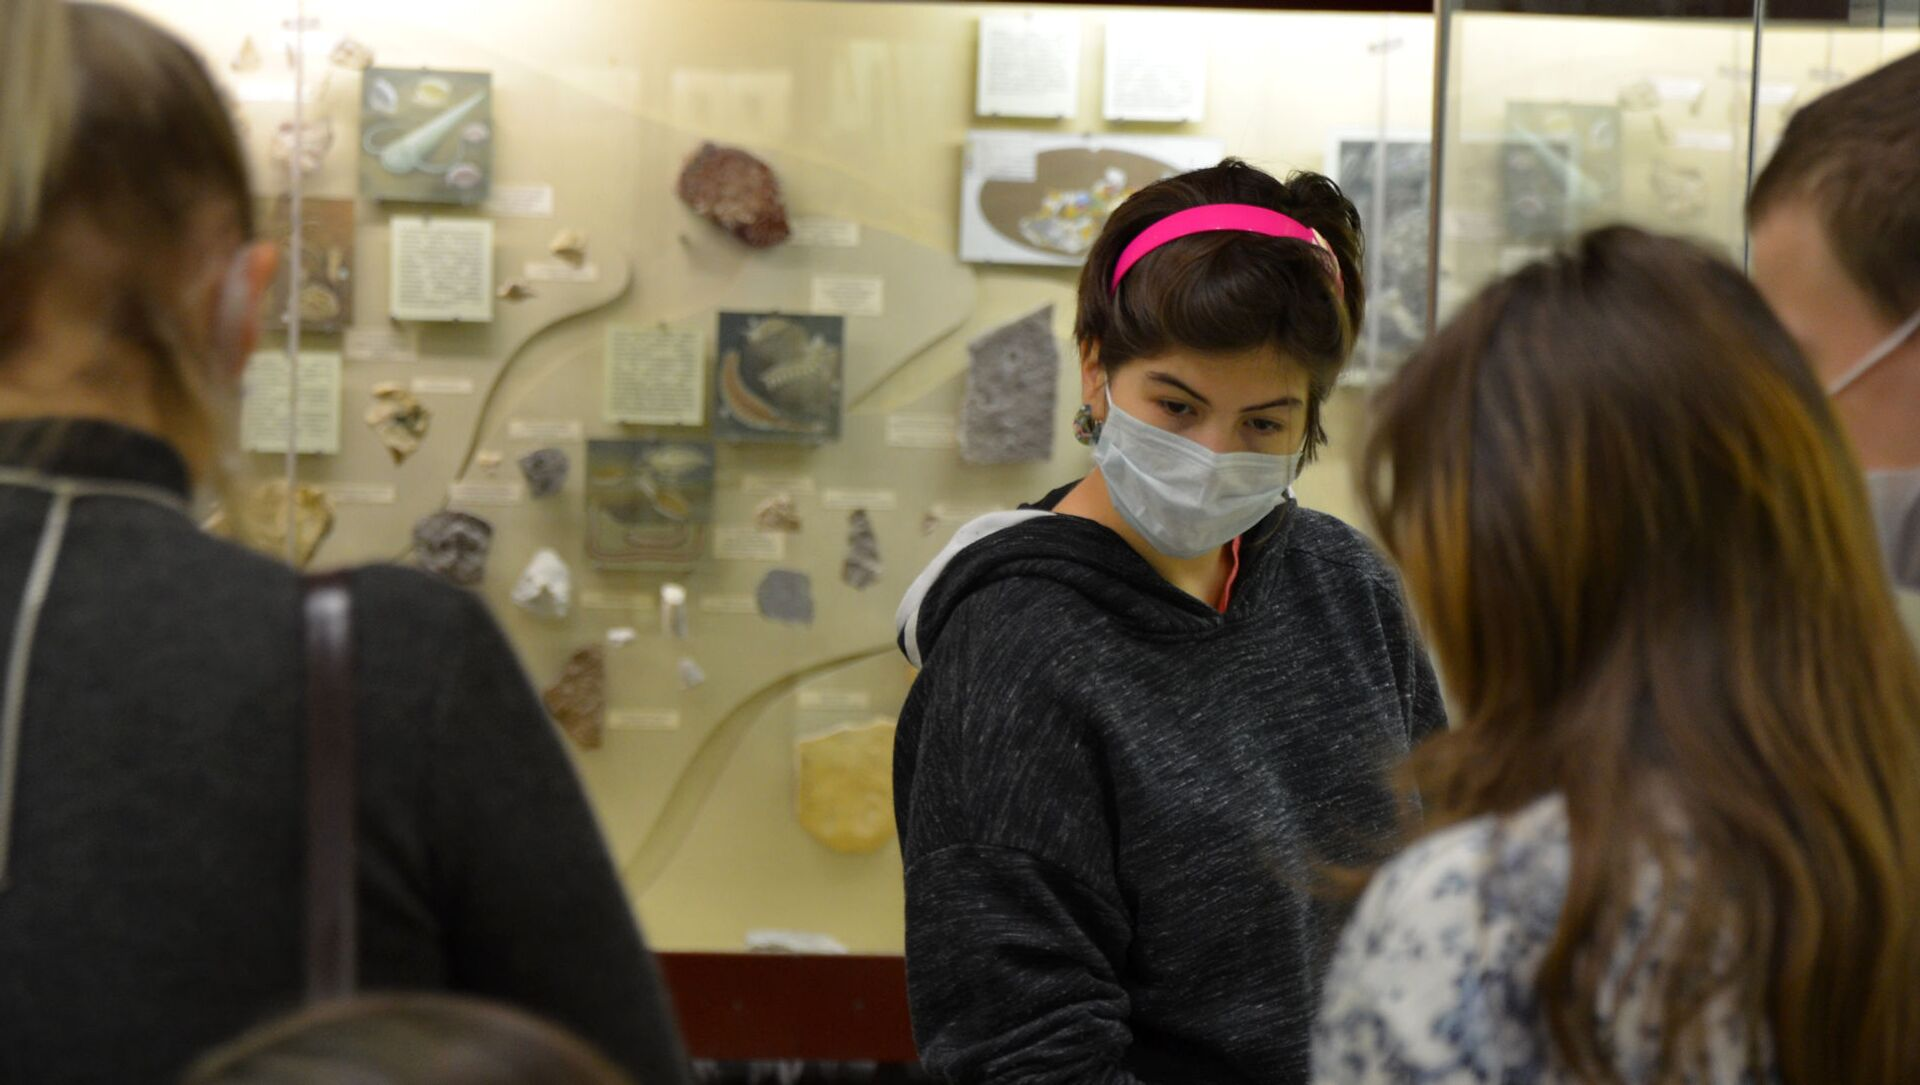 Coronavirus in Russia - novembre 2020 museo paleontologico - Sputnik Italia, 1920, 16.03.2021